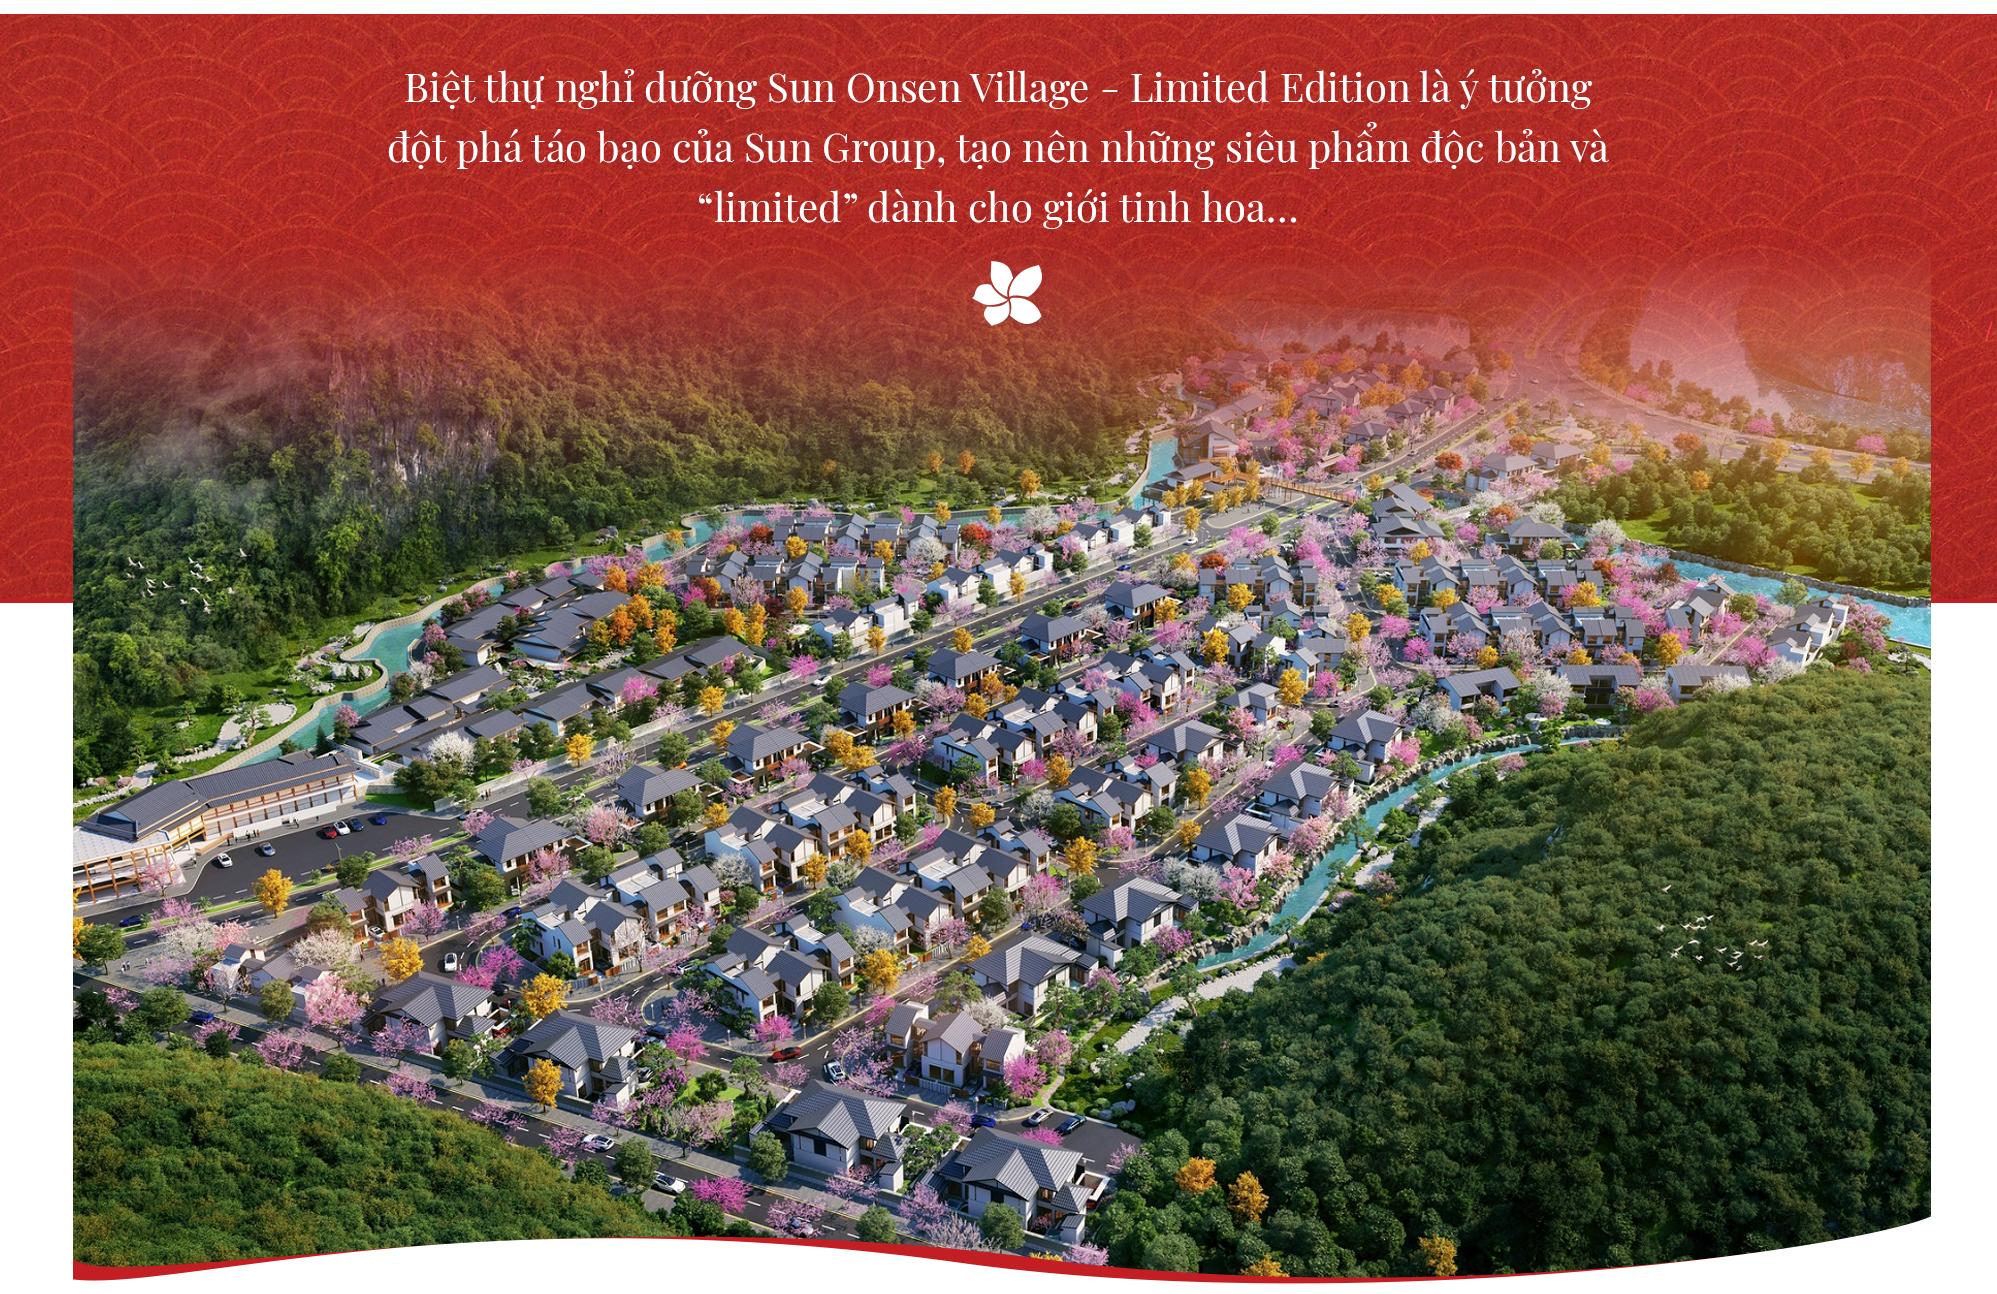 """Sun Onsen Village - Limited Edition: Hiện thực hóa giấc mơ """"tỷ phú sức khỏe"""" - Ảnh 10."""